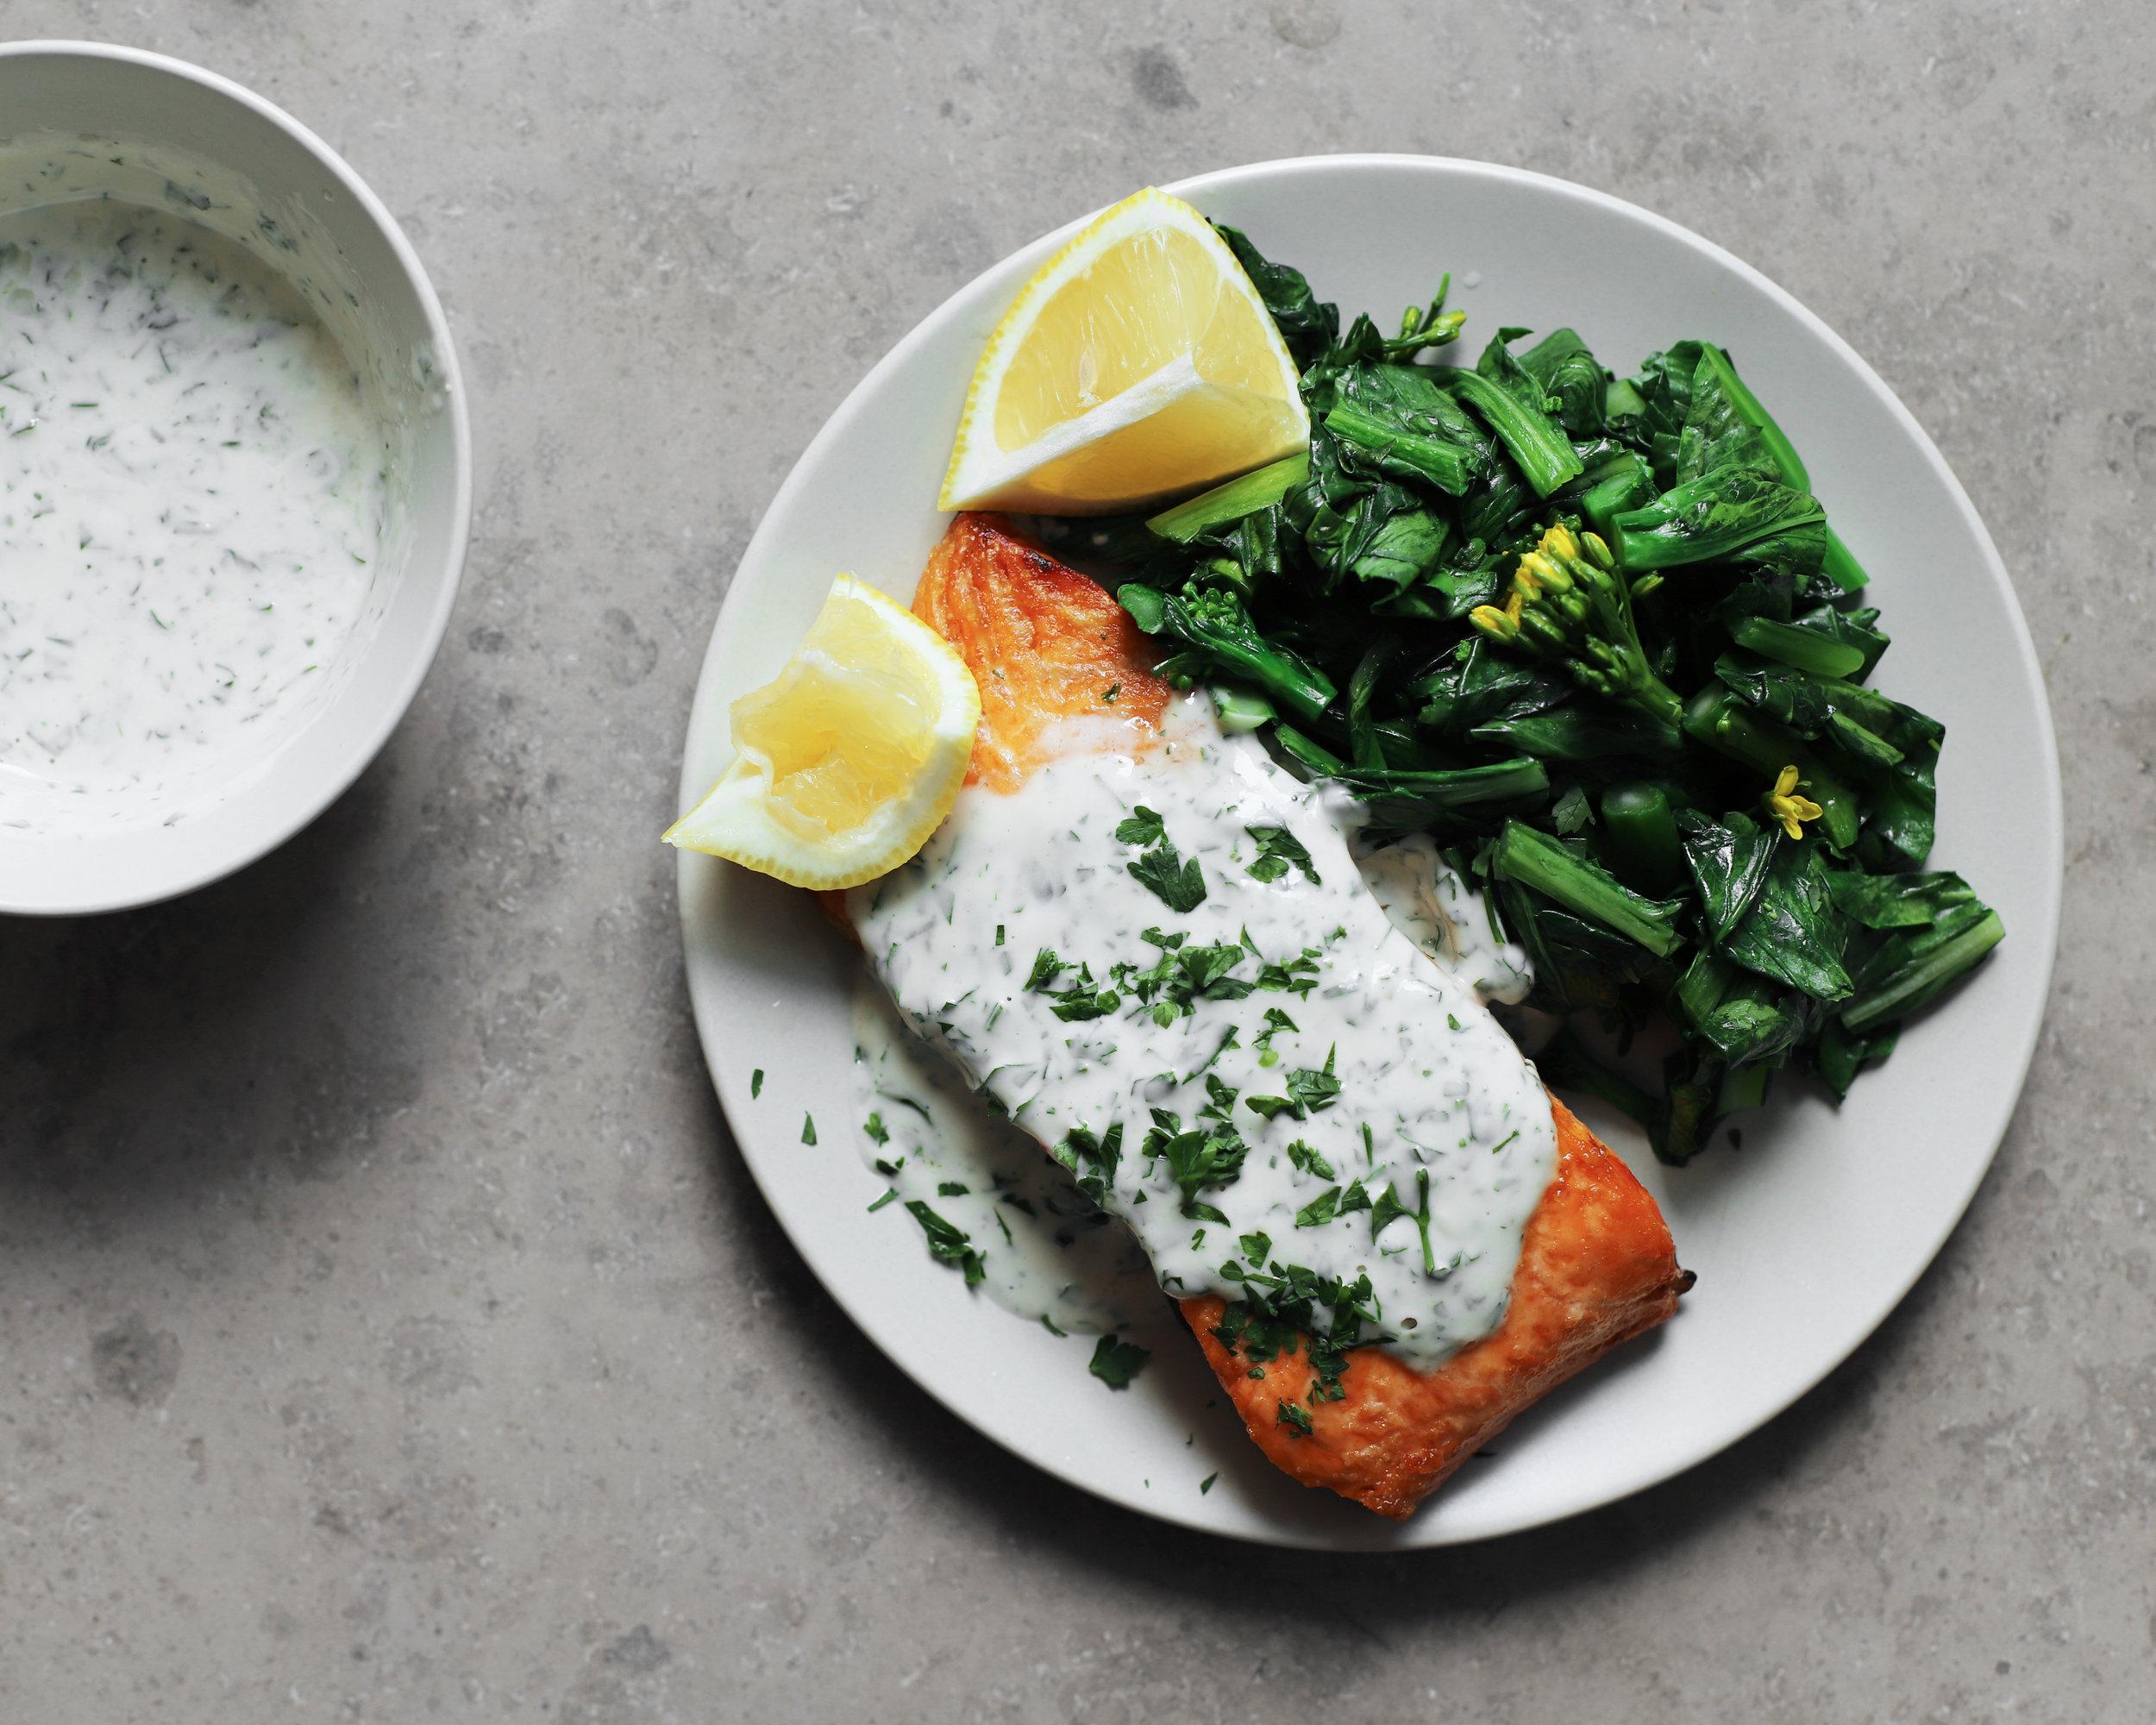 herby tahini yogurt sauce / salmon and broccoli